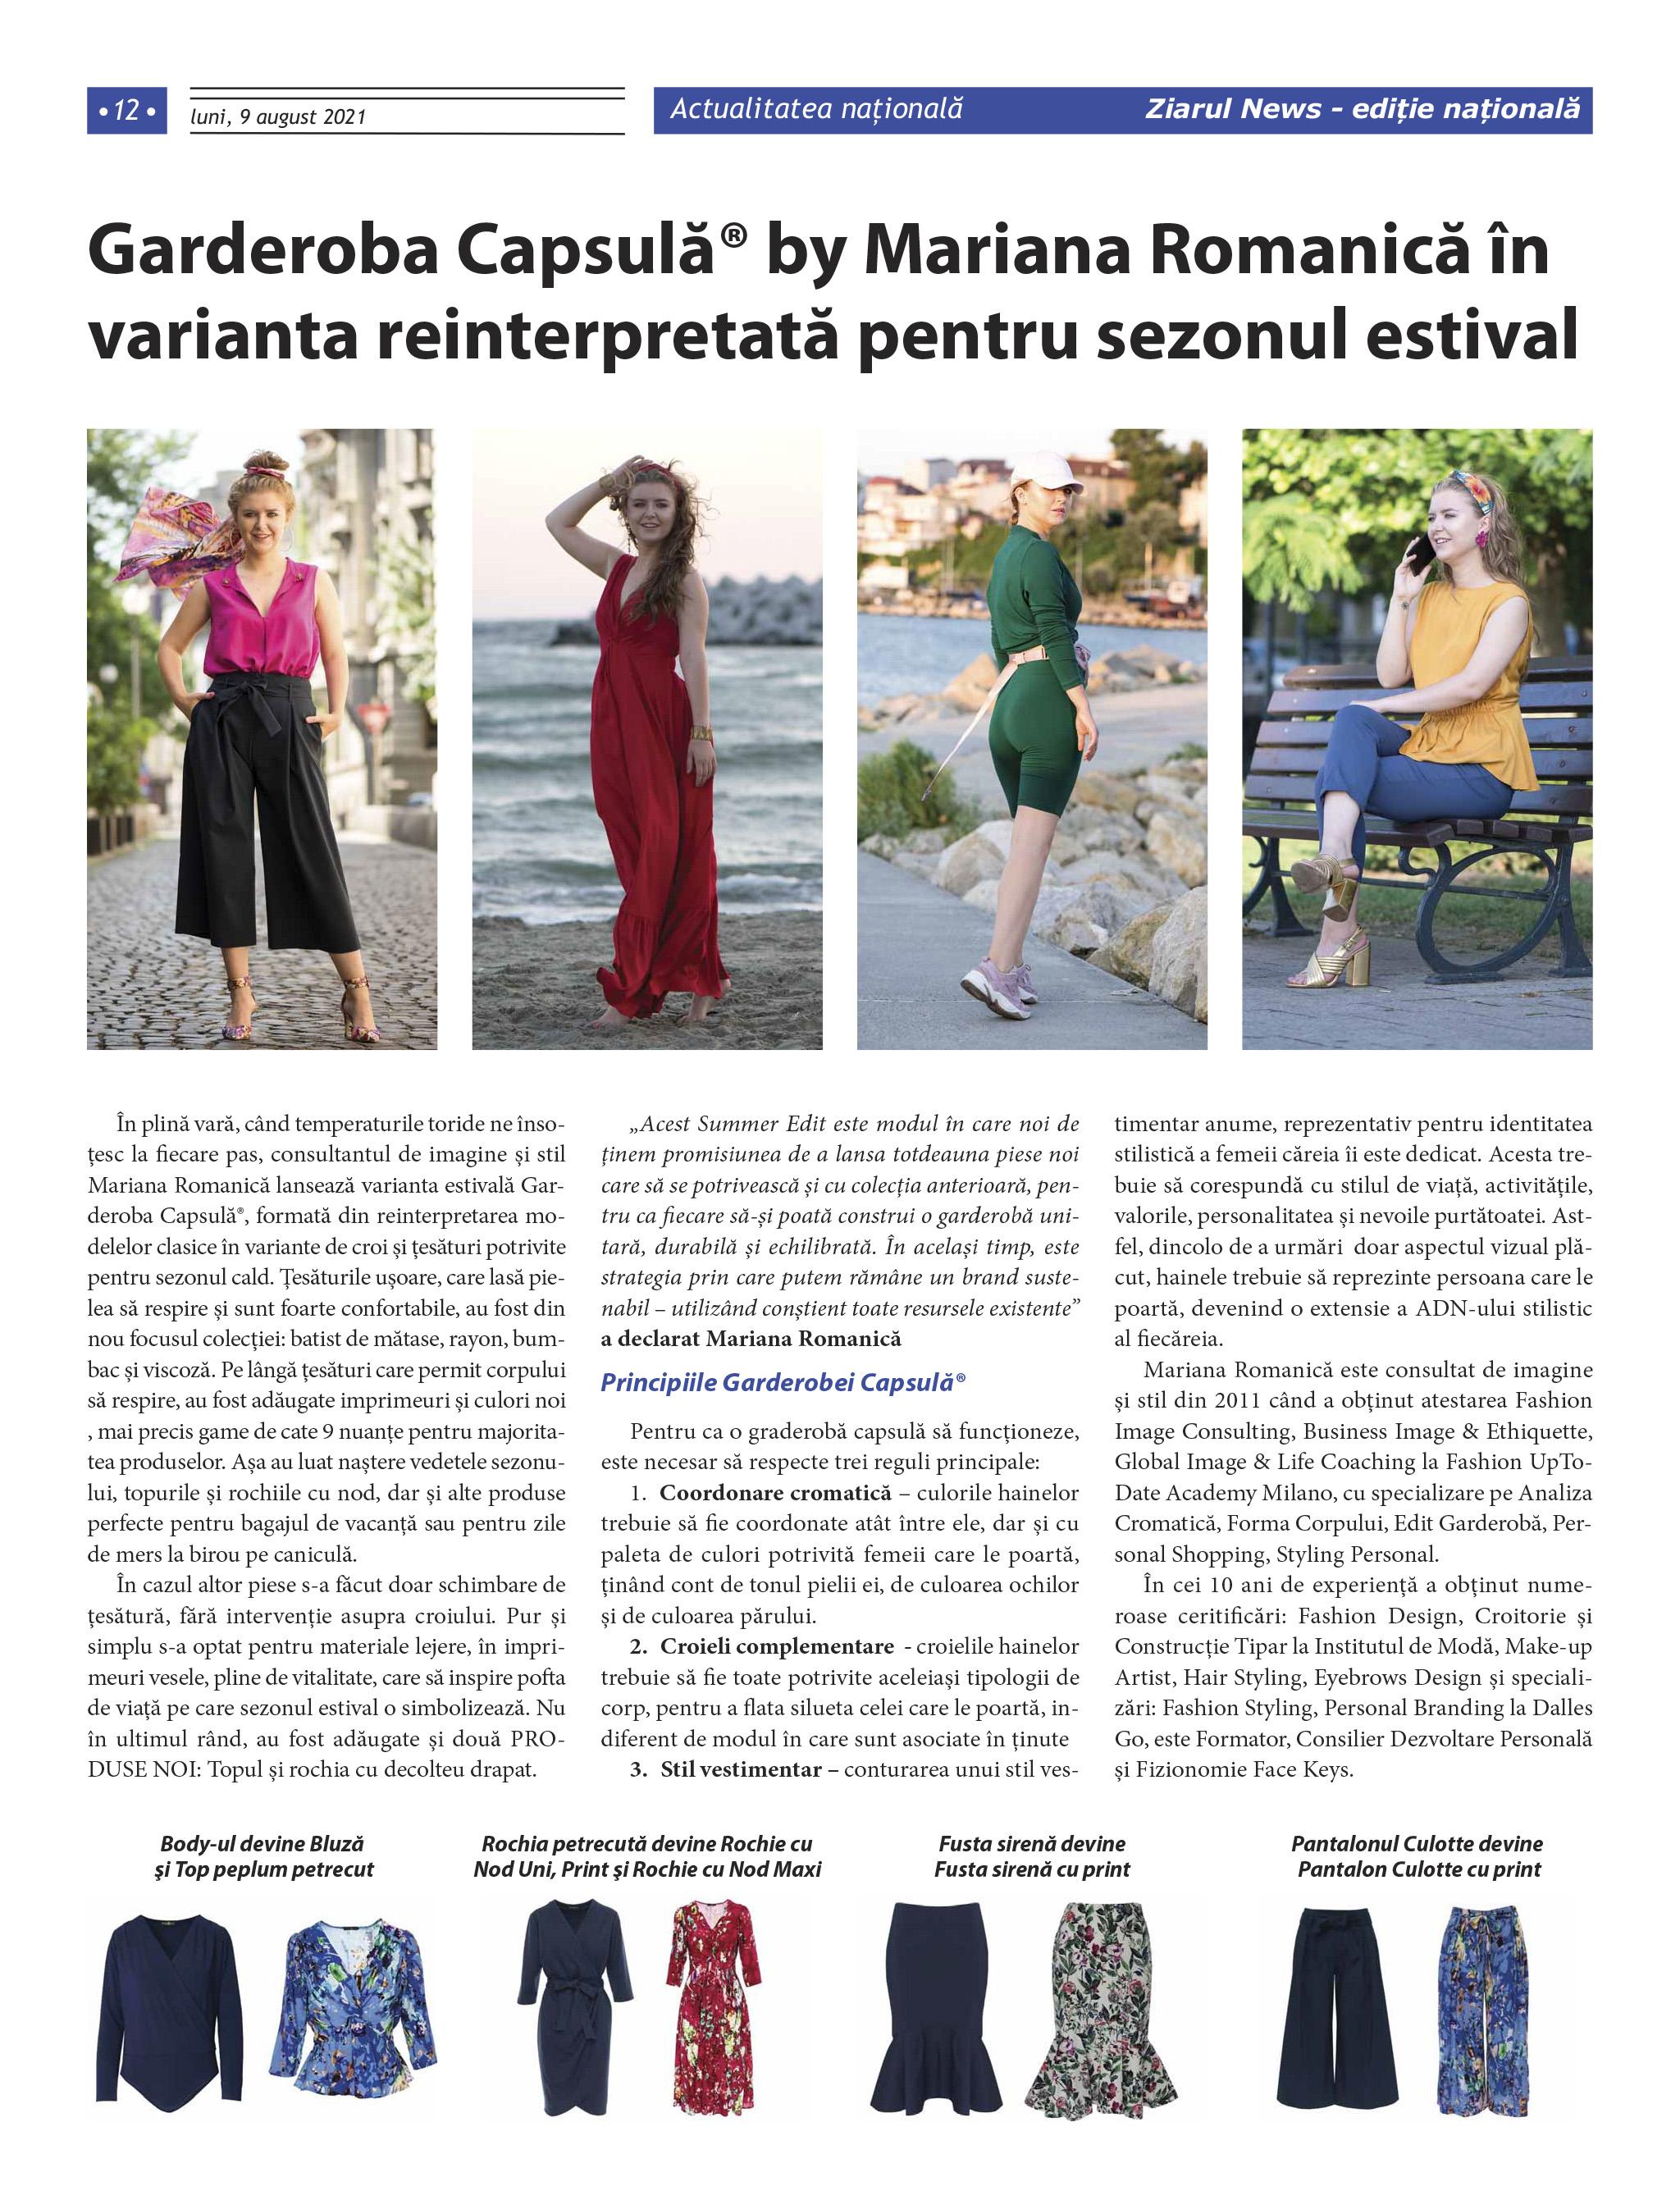 Garderoba Capsulă® by Mariana Romanică în varianta reinterpretată pentru sezonul estival